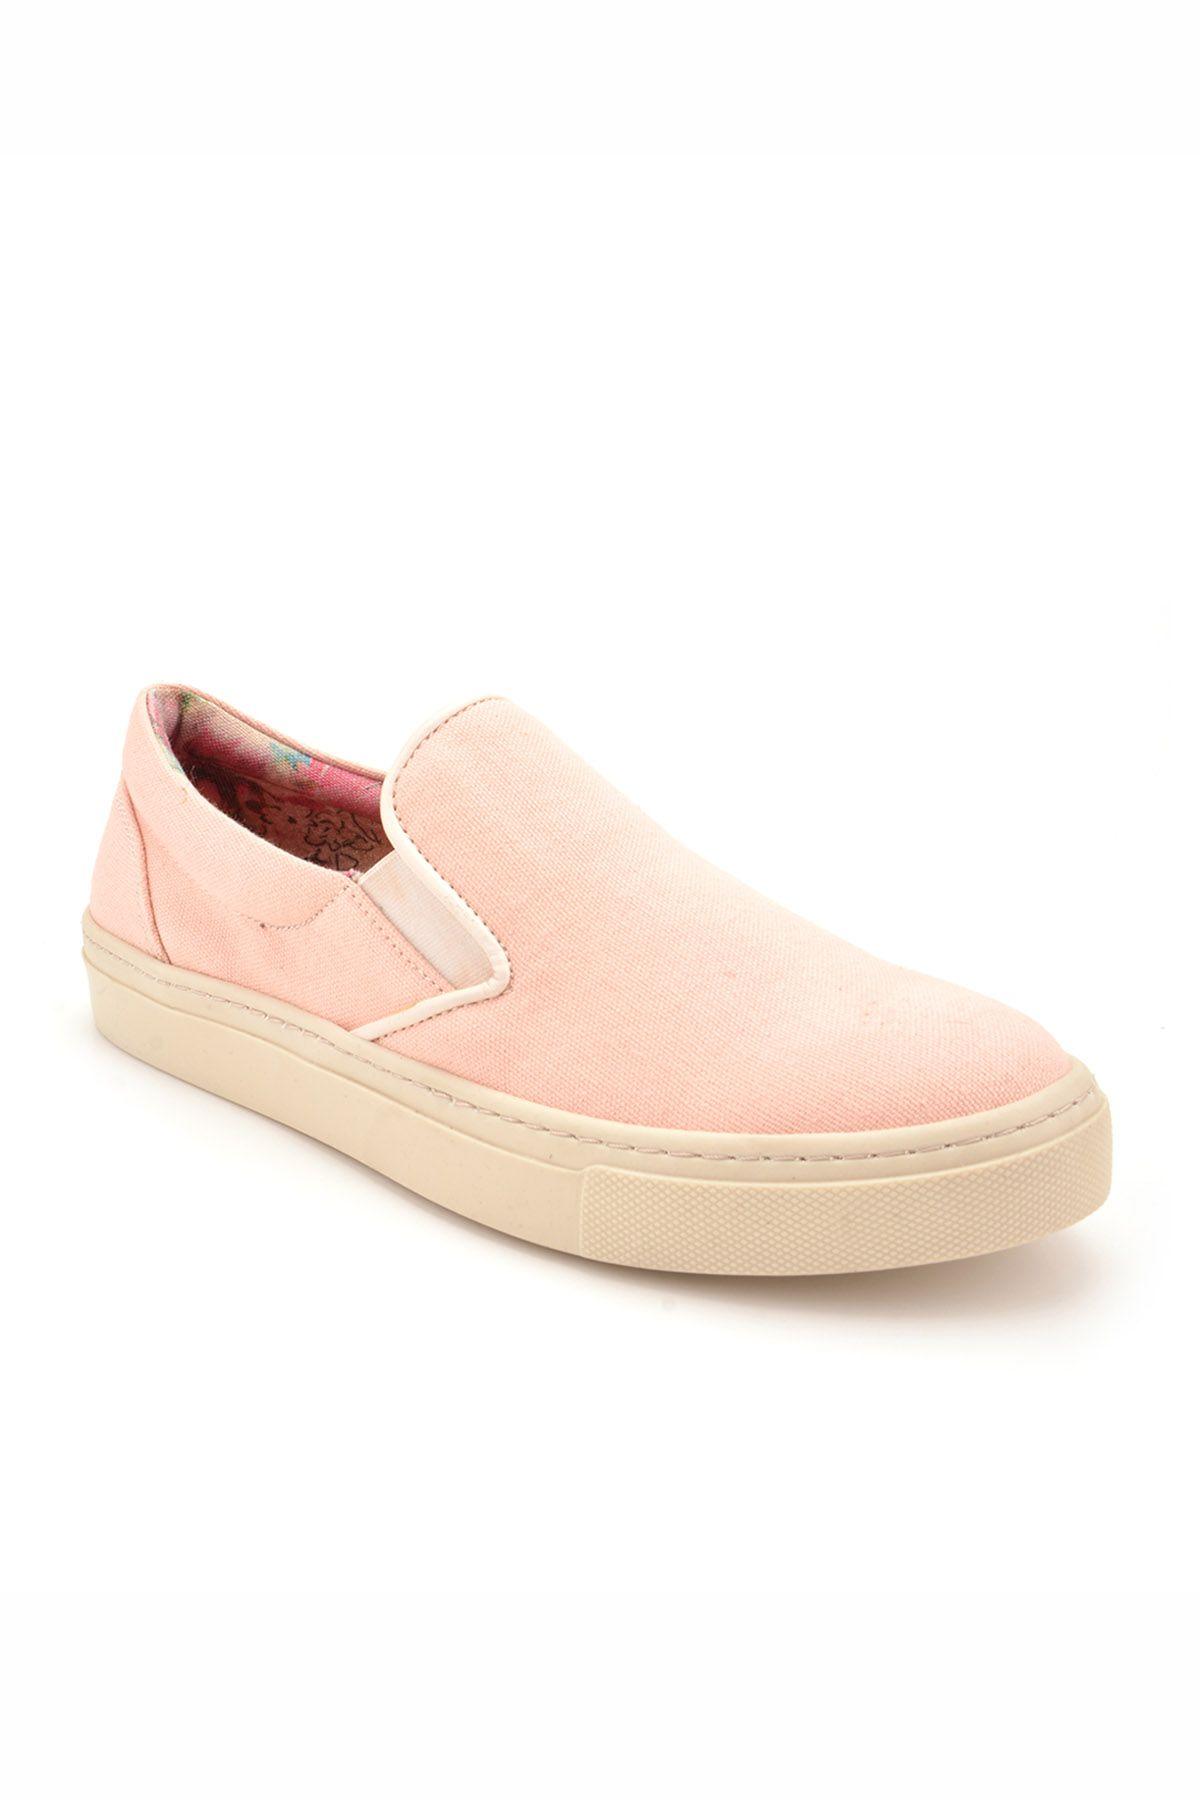 Art Goya Linen Women Sneakers Pink